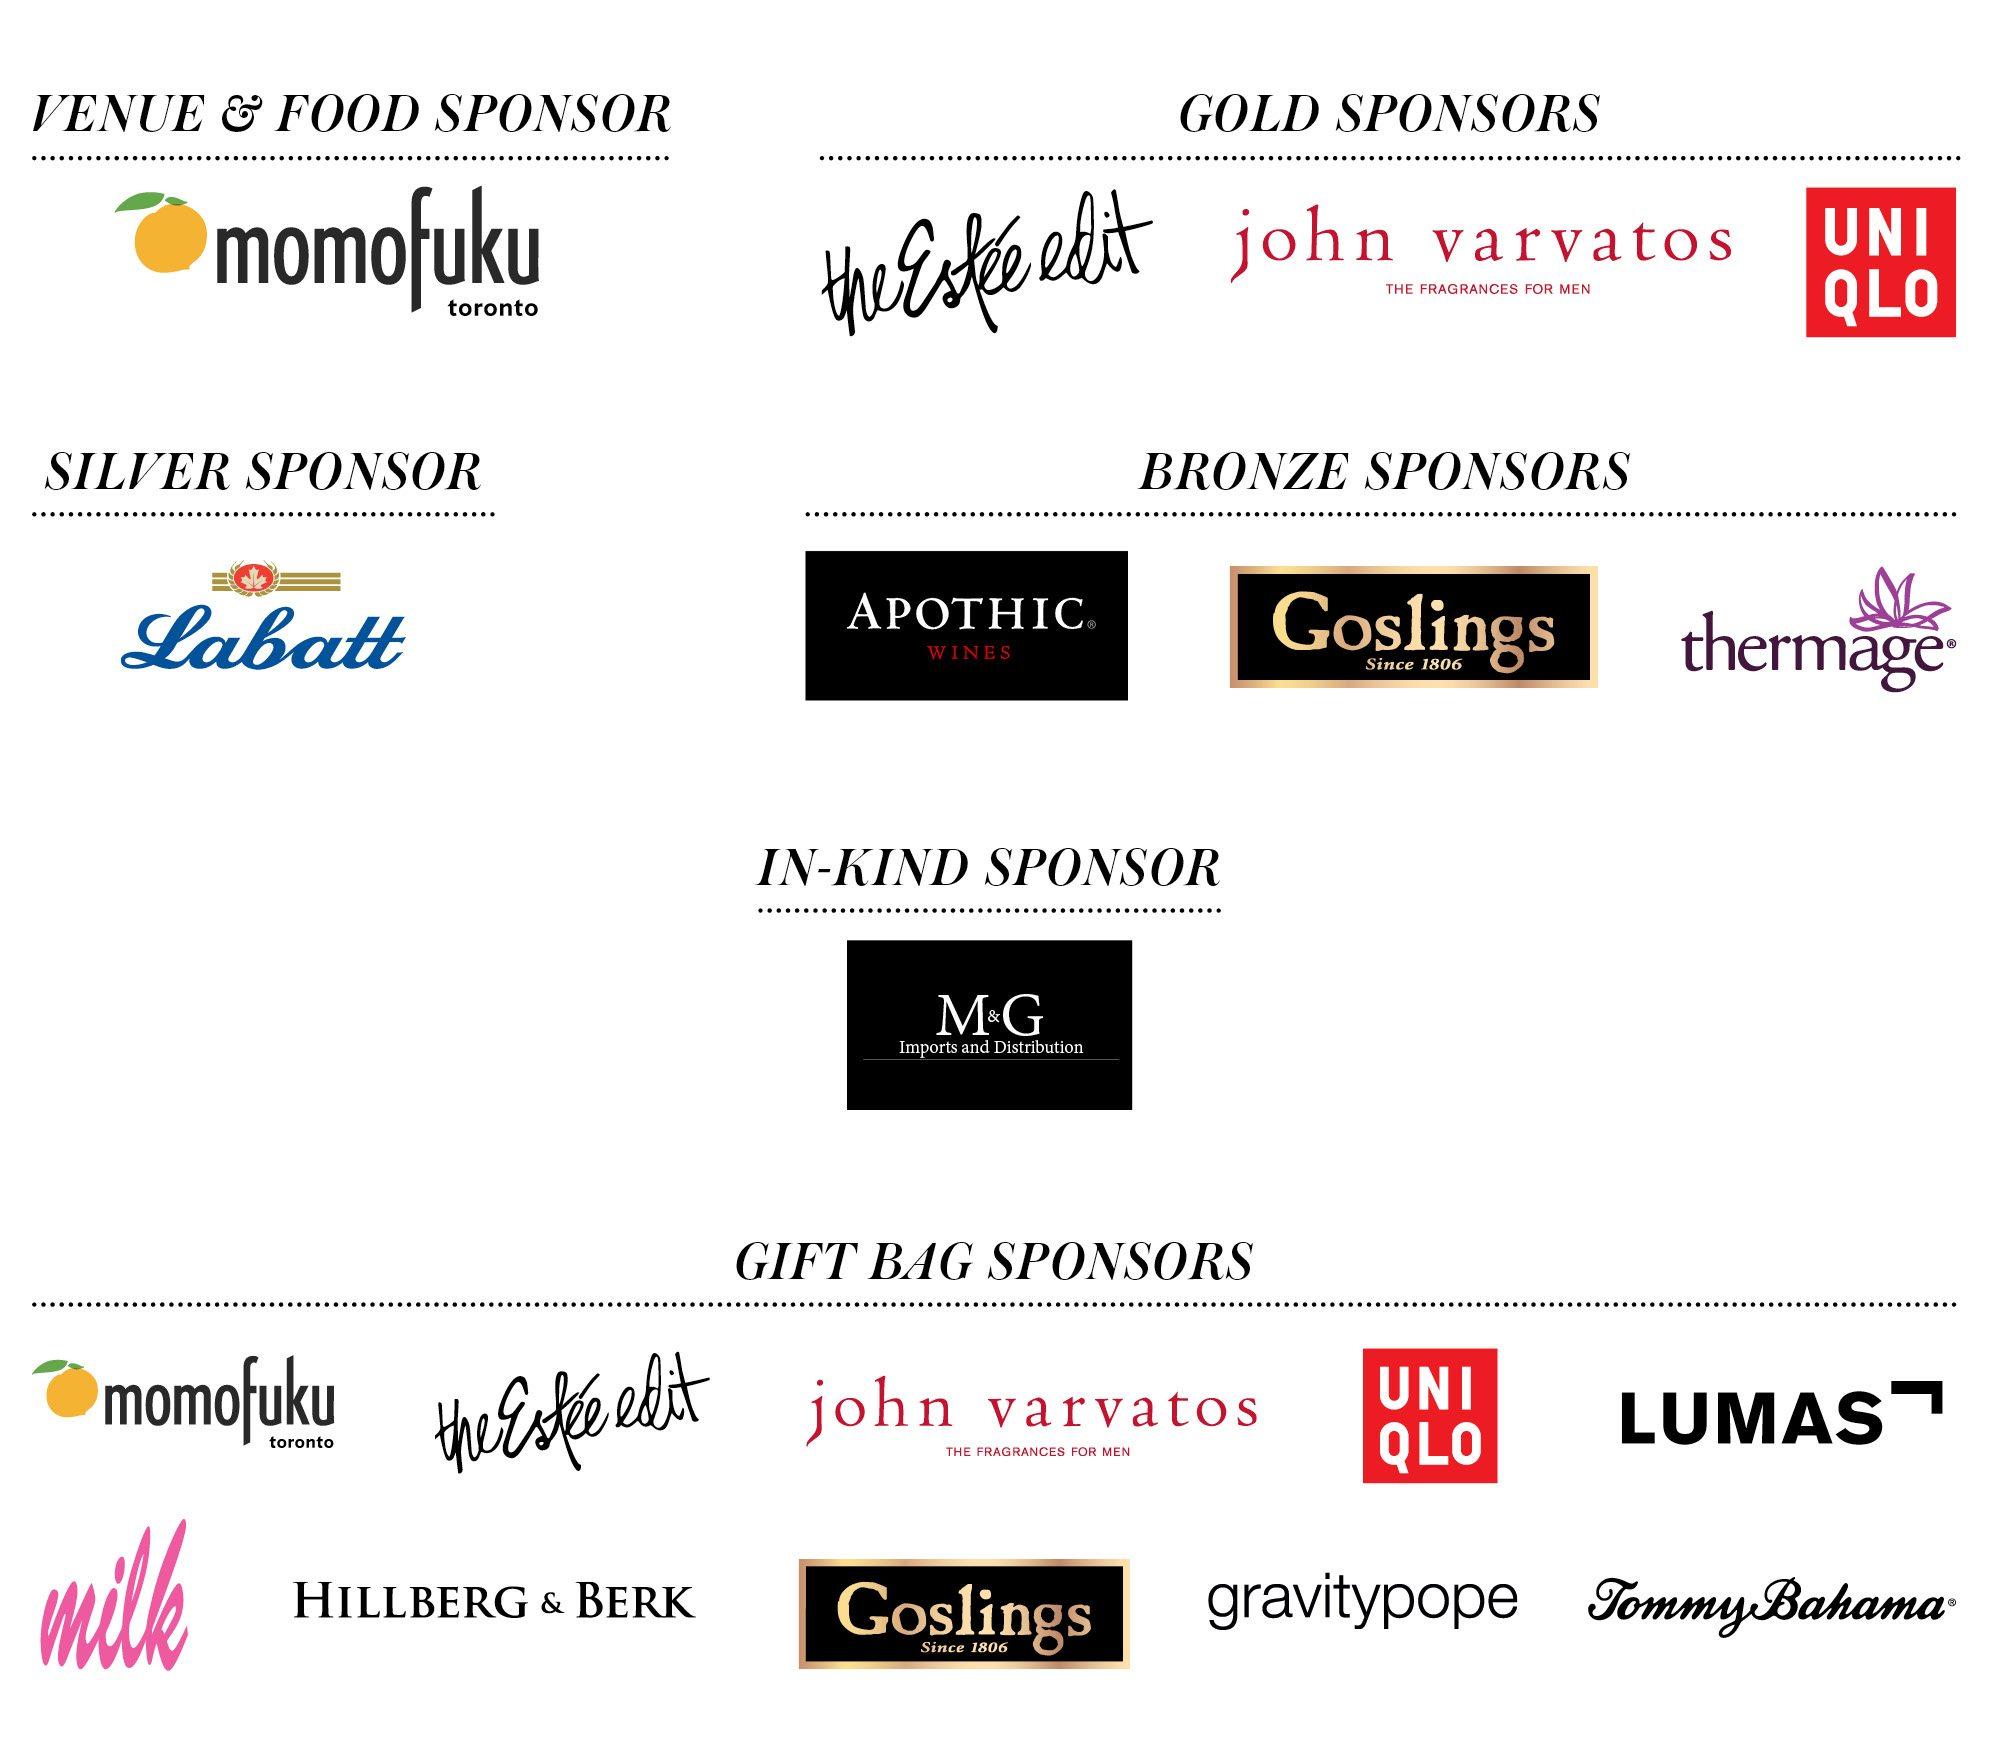 sponsor_logos_2000x1750